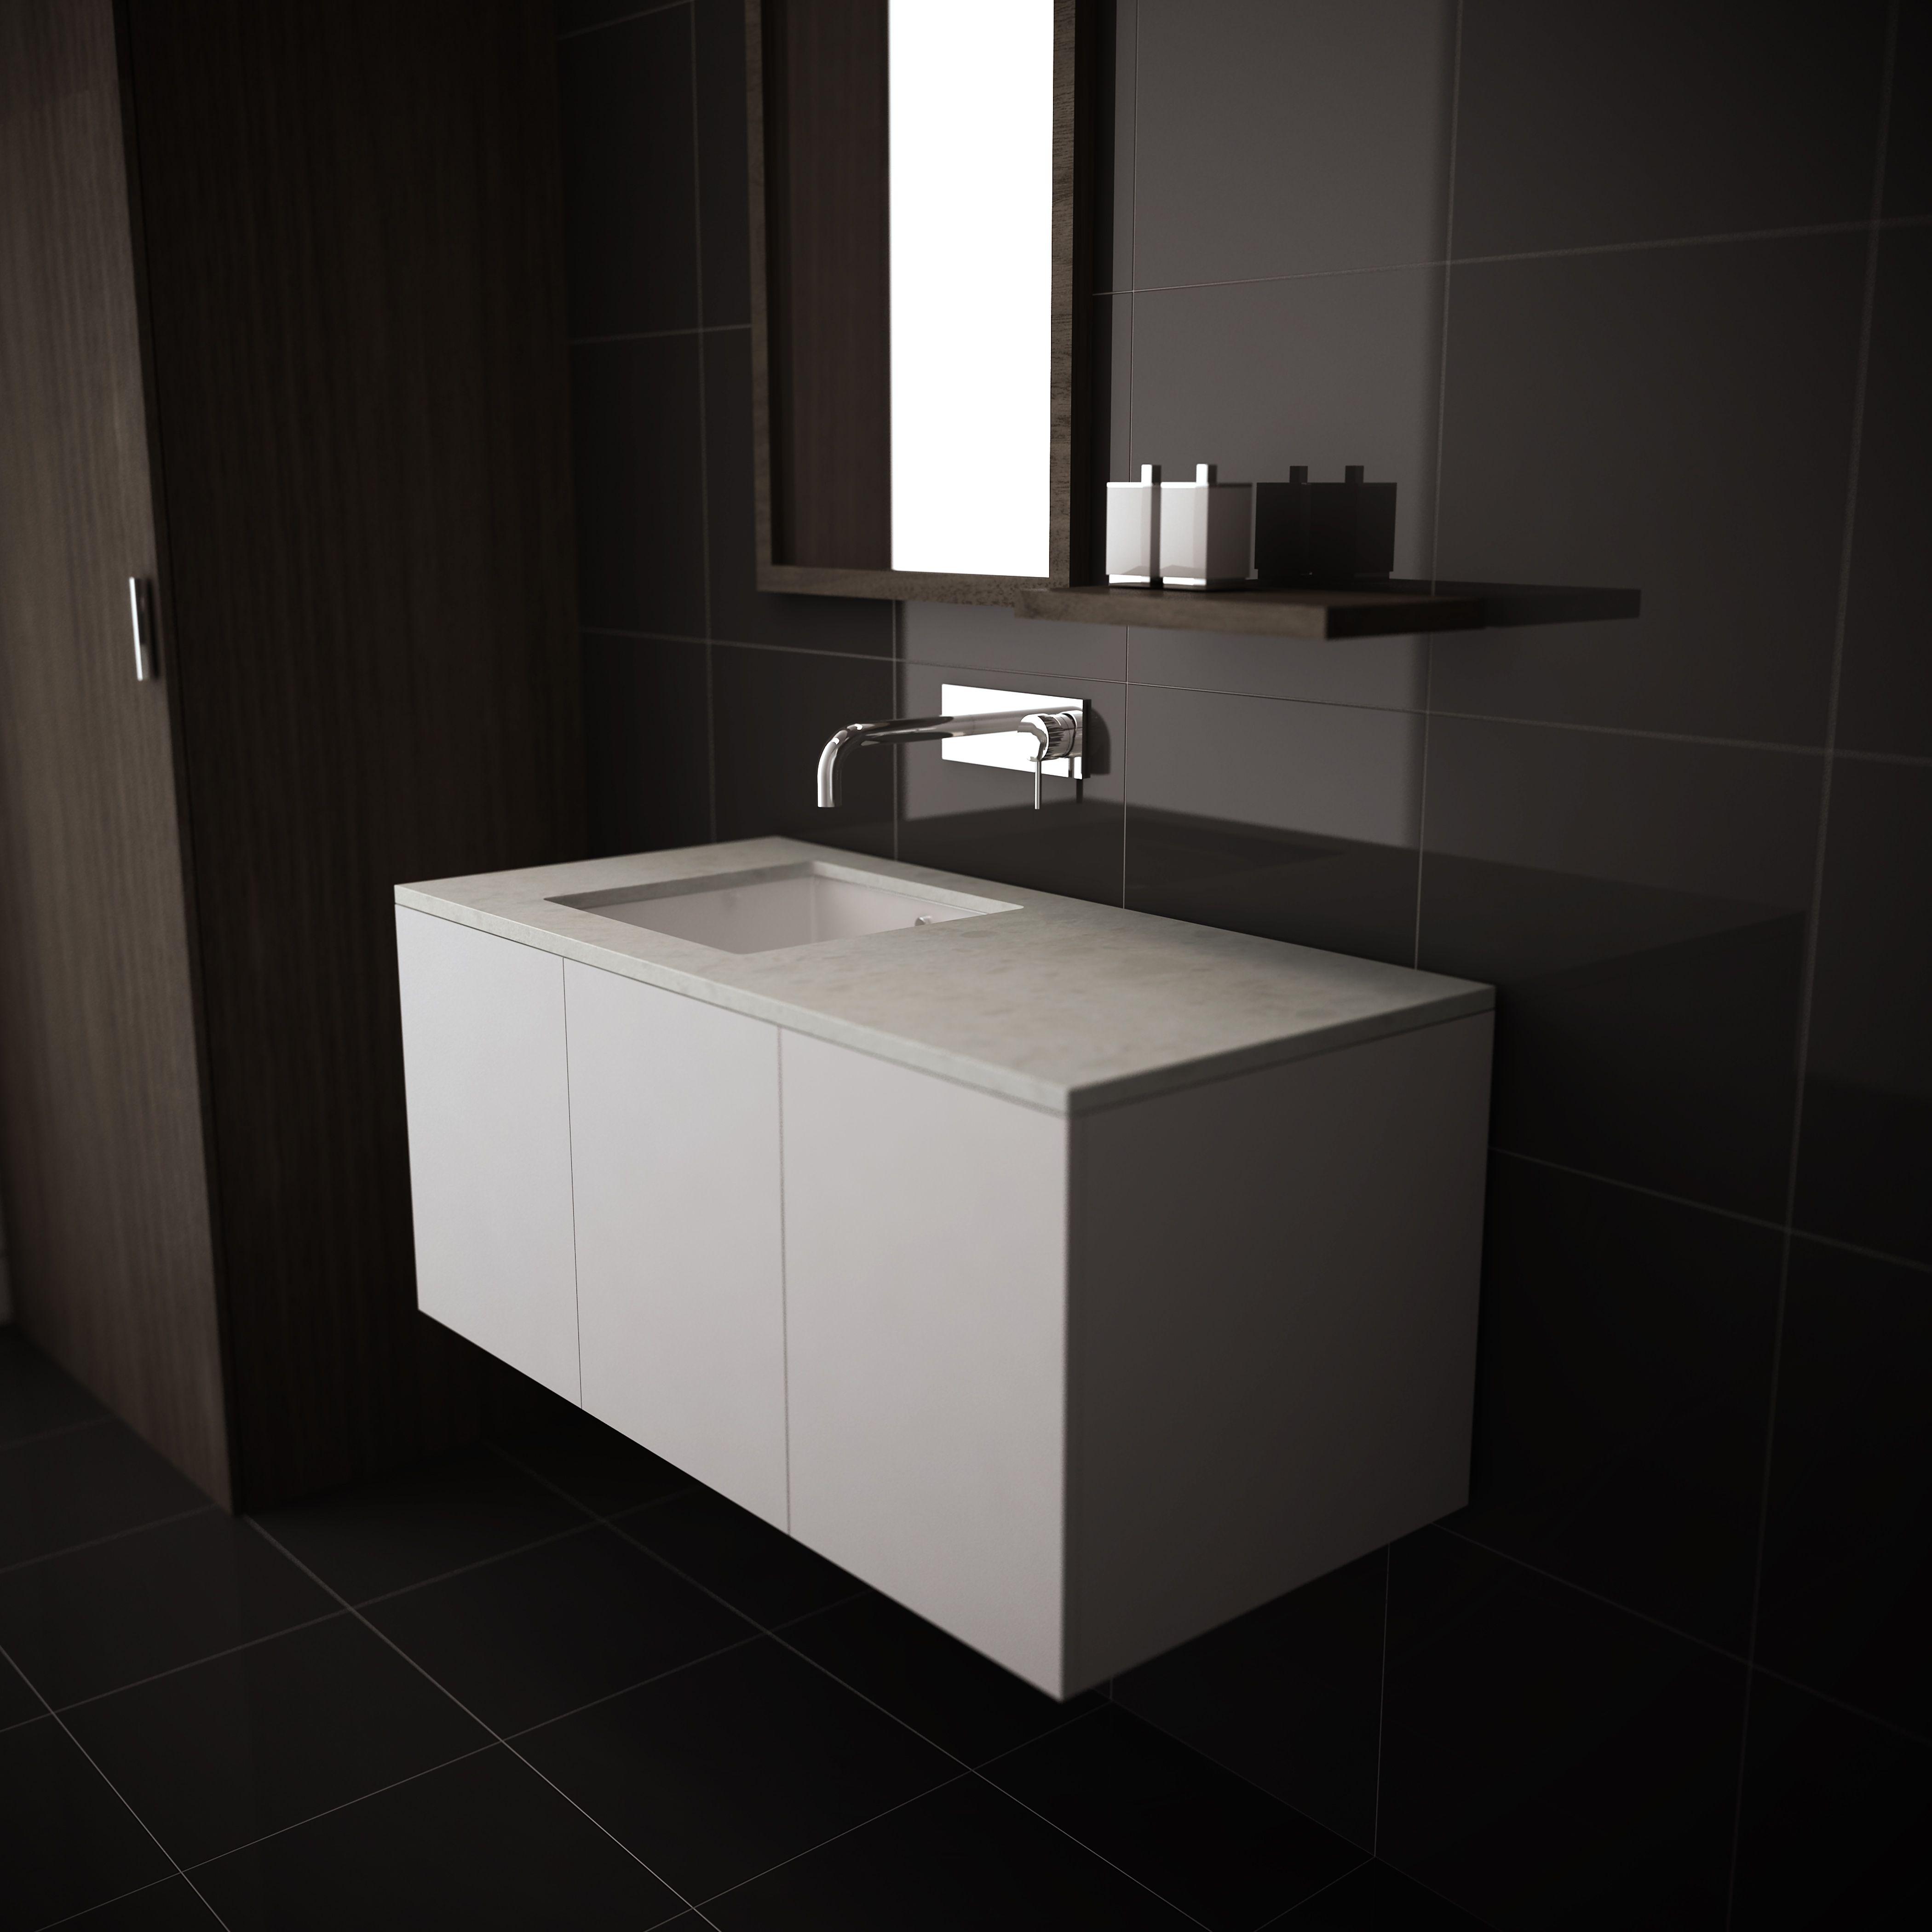 Wall Hung Bathroom Vanities Brisbane Rukinet – Wall Hung Bathroom Vanities